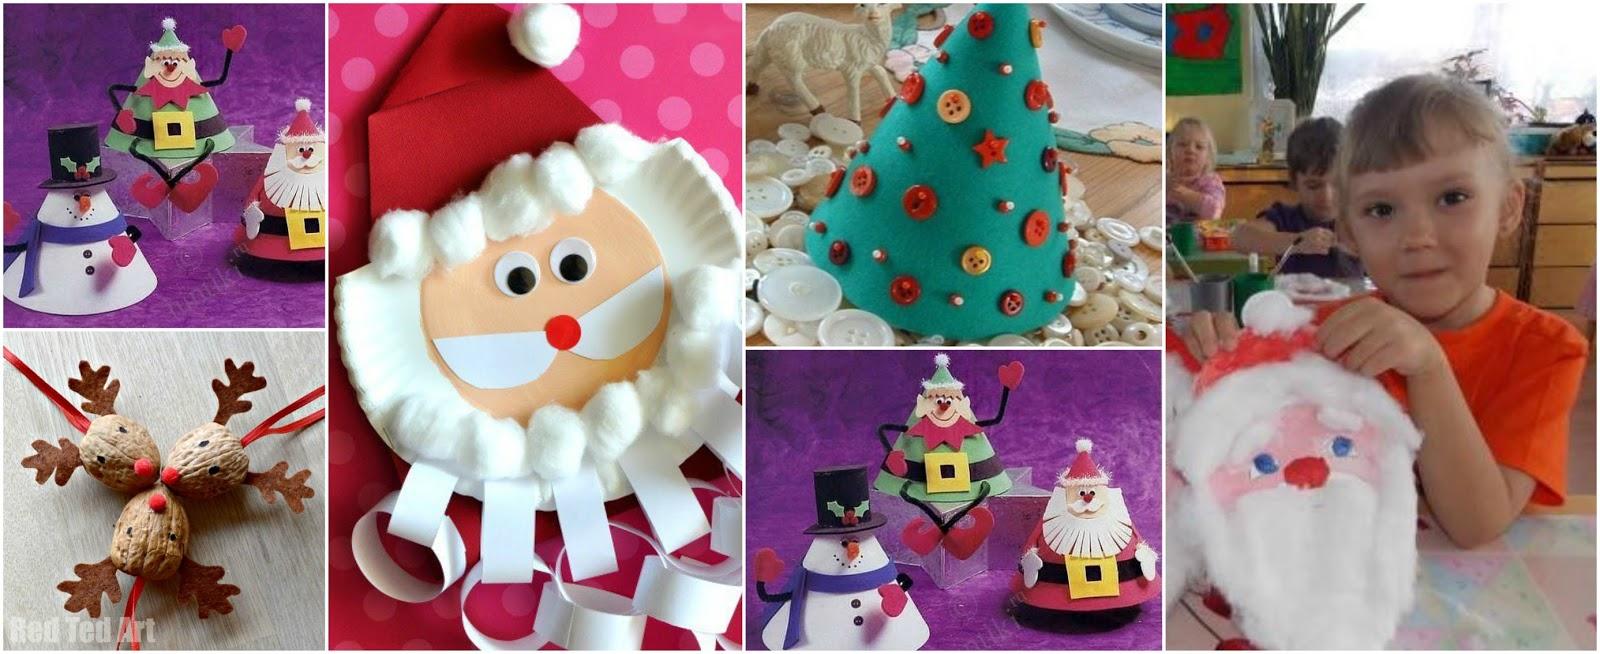 5 ideas bonitas para hacer adornos navide os con ni os - Ideas para hacer adornos navidenos ...